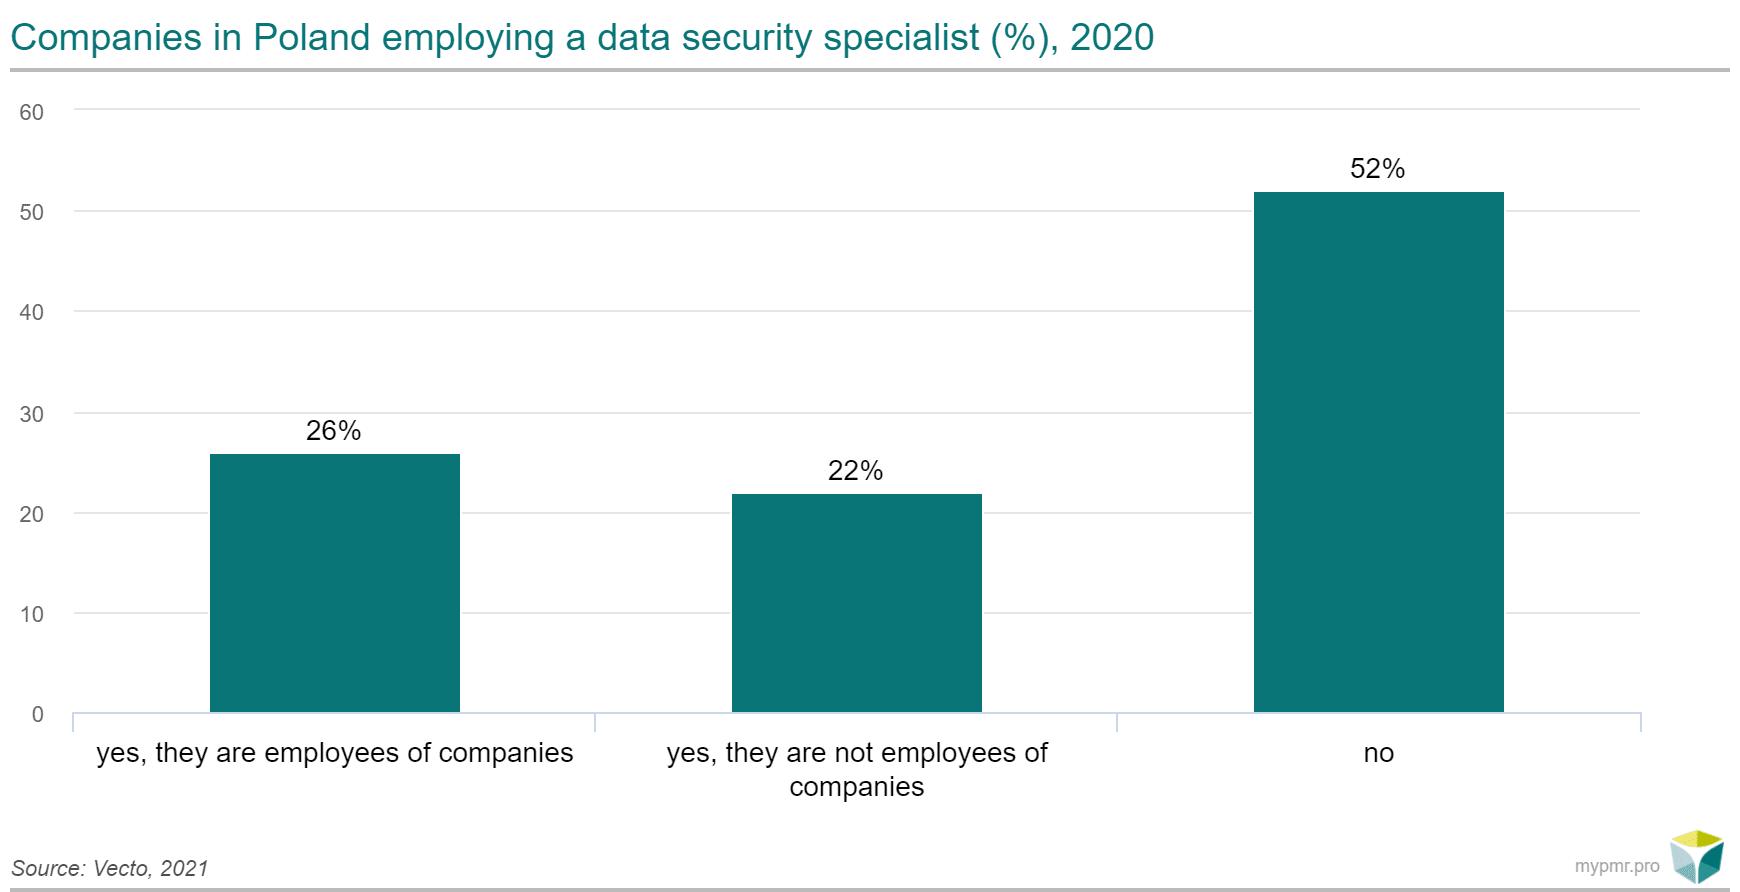 zatrudnienie specjalistów ds cyberbezpieczenstwa